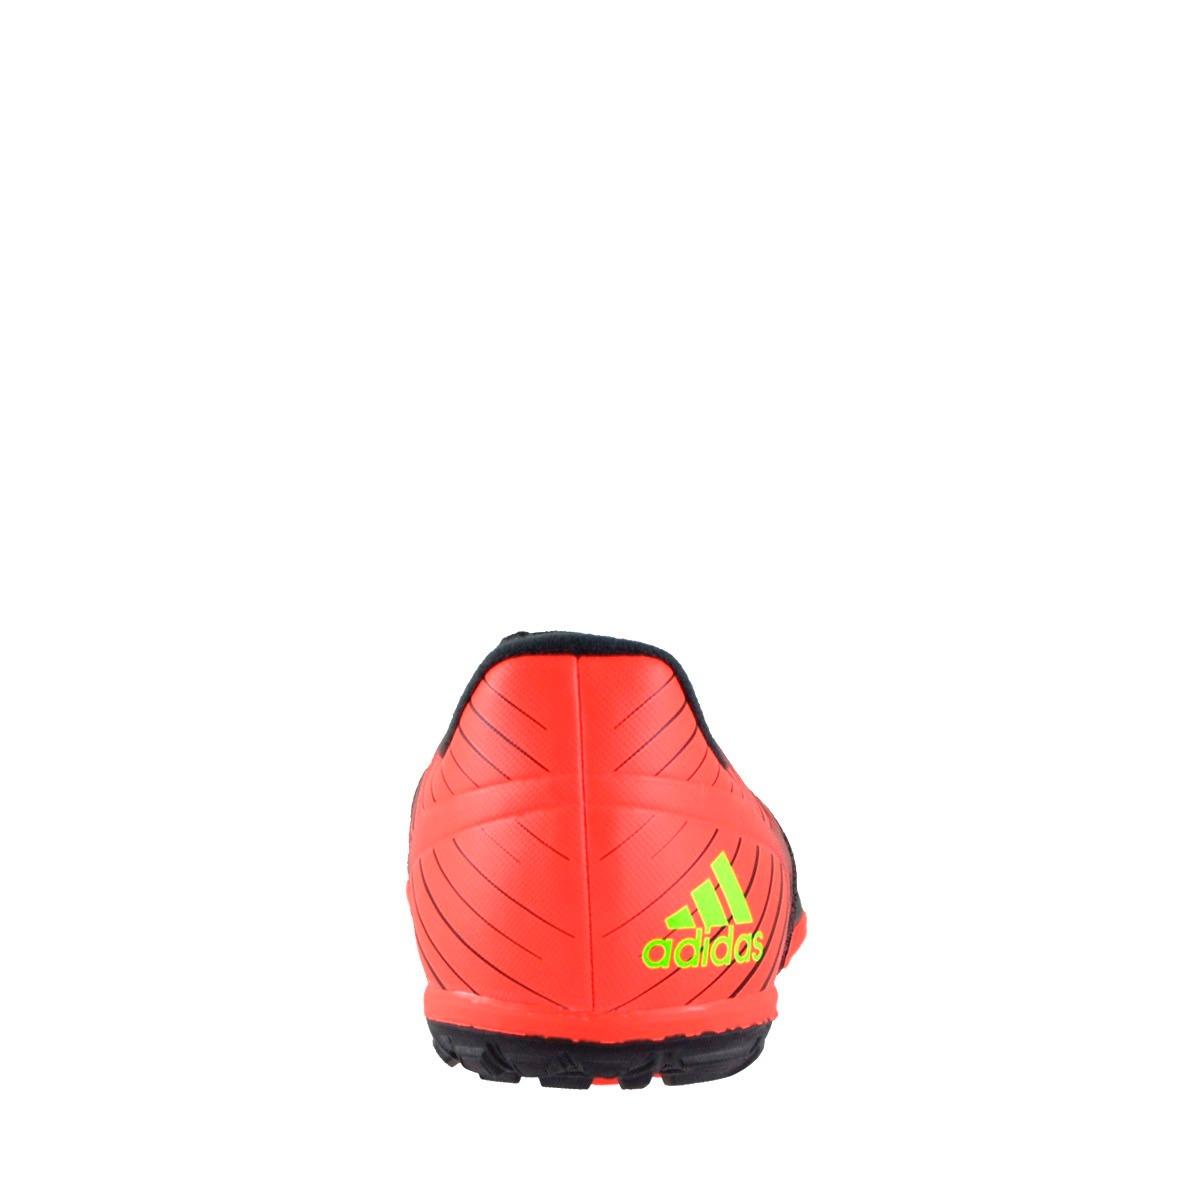 botines adidas messi 15.3 césped artificial niños negro rojo. Cargando zoom. 681e7fb59a391